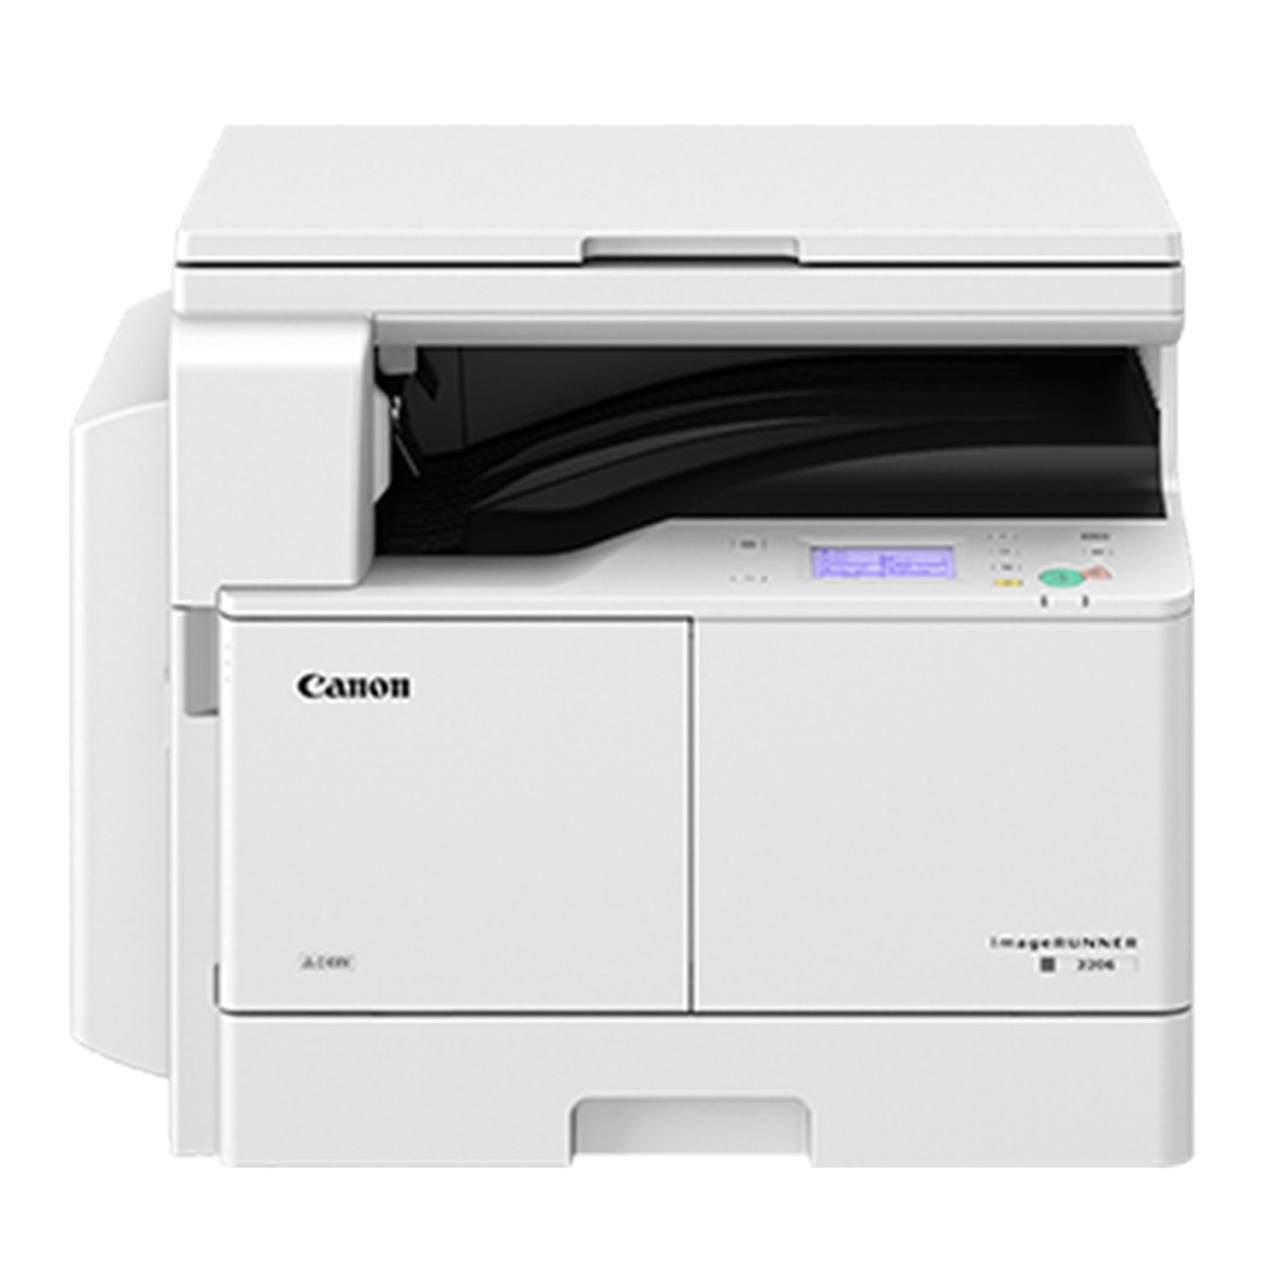 تصویر دستگاه کپی کانن مدل imageRUNNER 2206